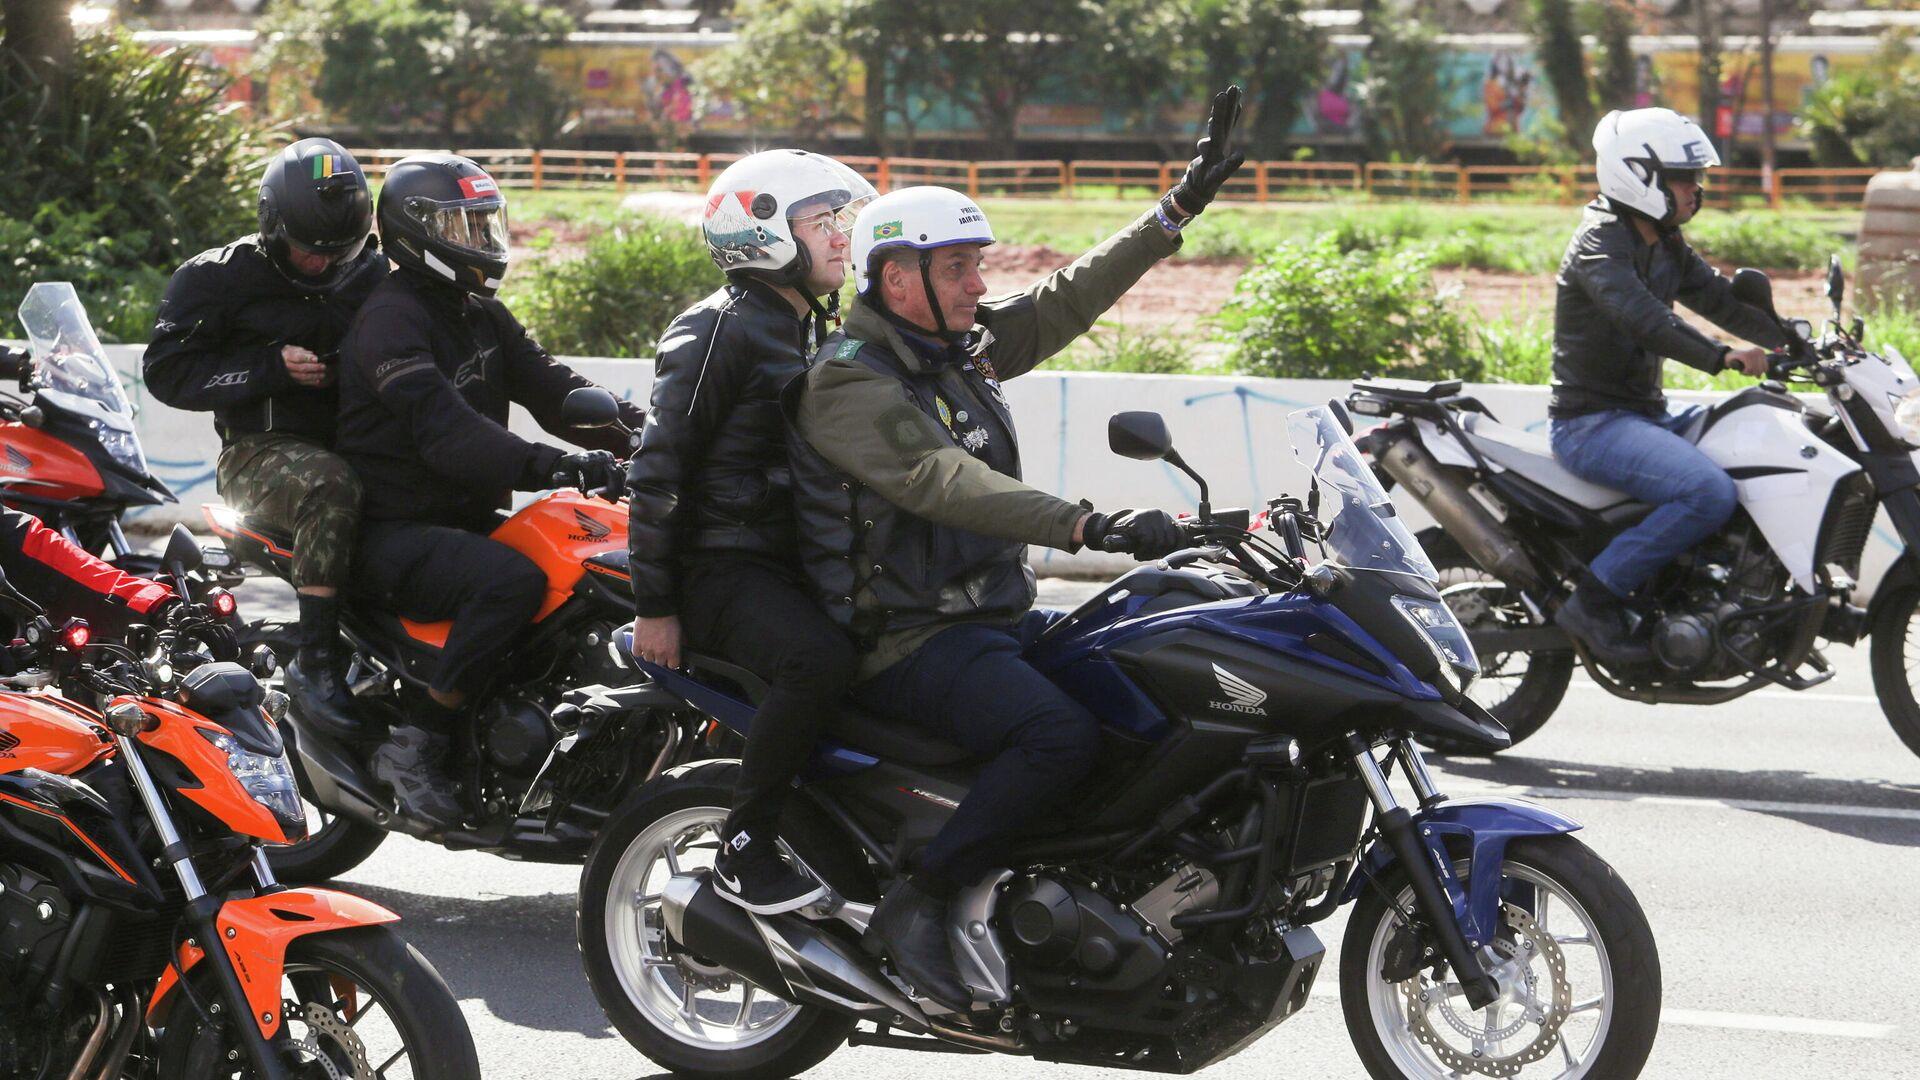 El presidente de Brasil, Jair Bolsonaro, lidera un recorrido con motociclistas en la capital de Sao Paulo la mañana del 12 de junio - Sputnik Mundo, 1920, 13.06.2021